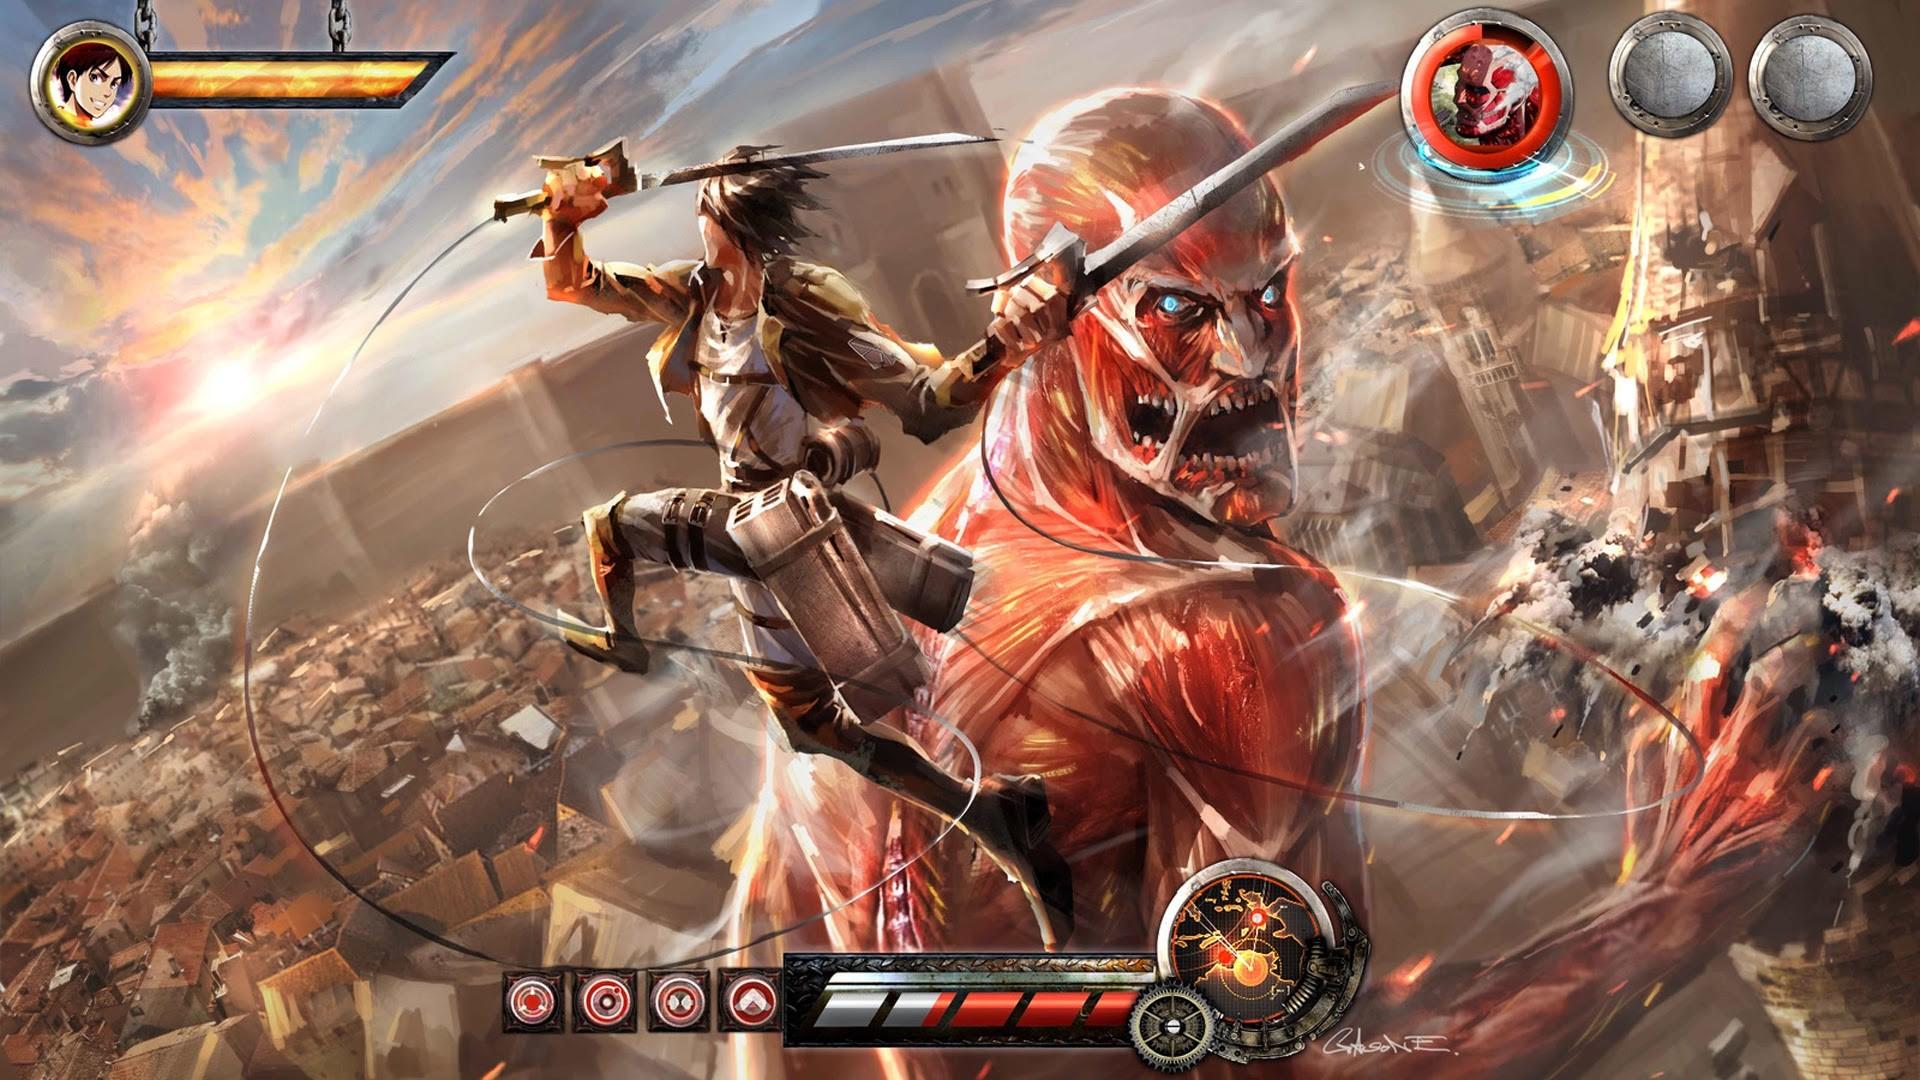 Attack On Titan Iphone Wallpaper 1080p Eren vs colossal titan video